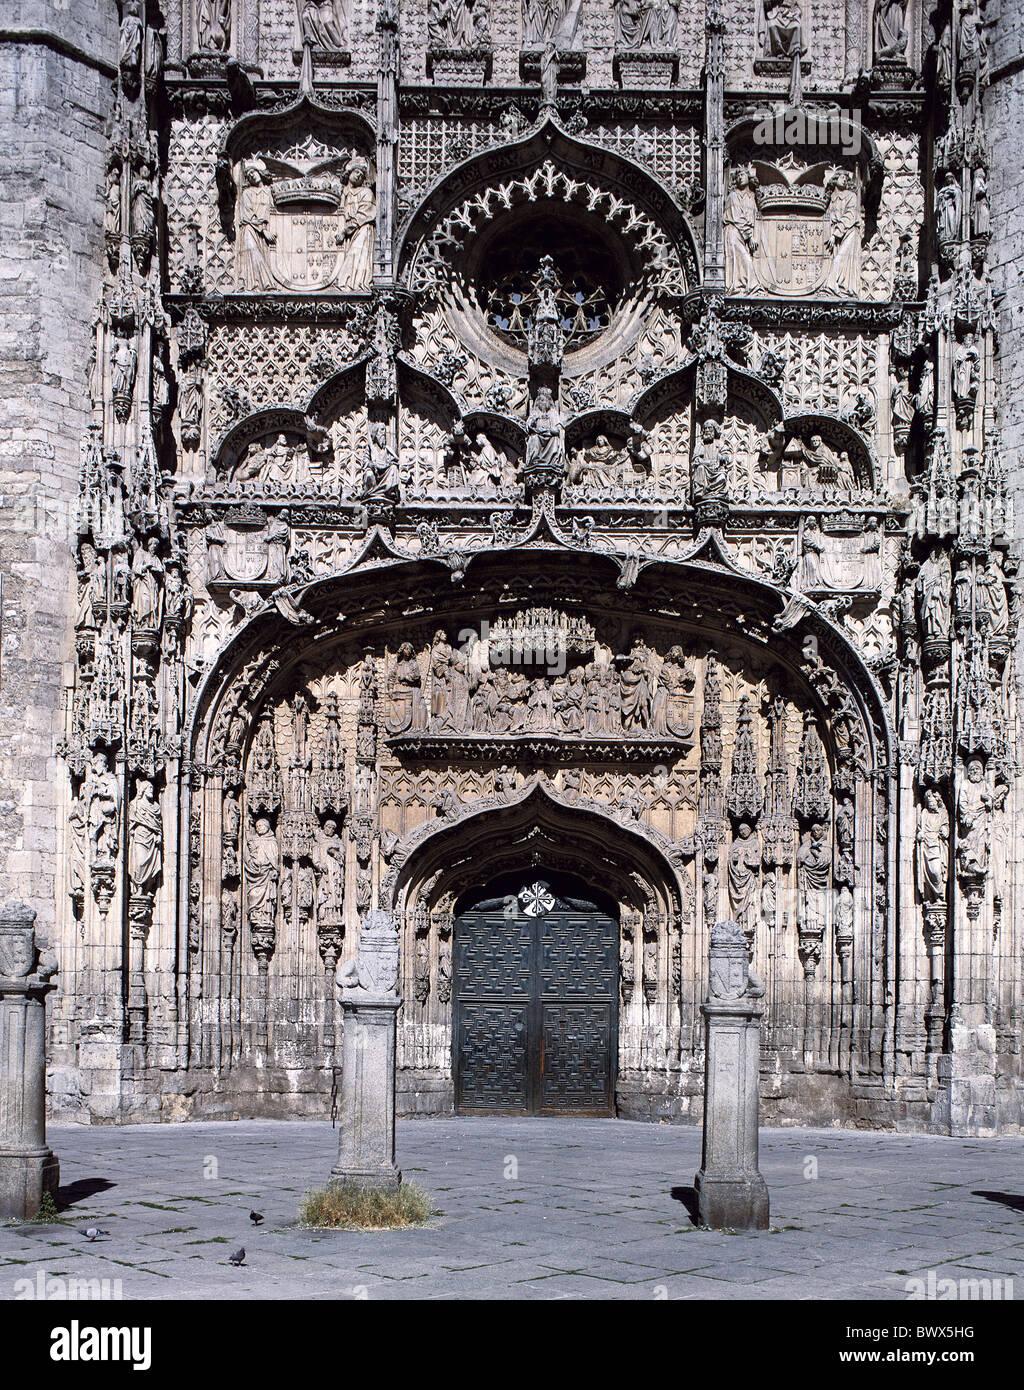 Architettura costruzione gotica di dettaglio della scultura gotica chiesa chiostro San Pablo entrata principale Immagini Stock